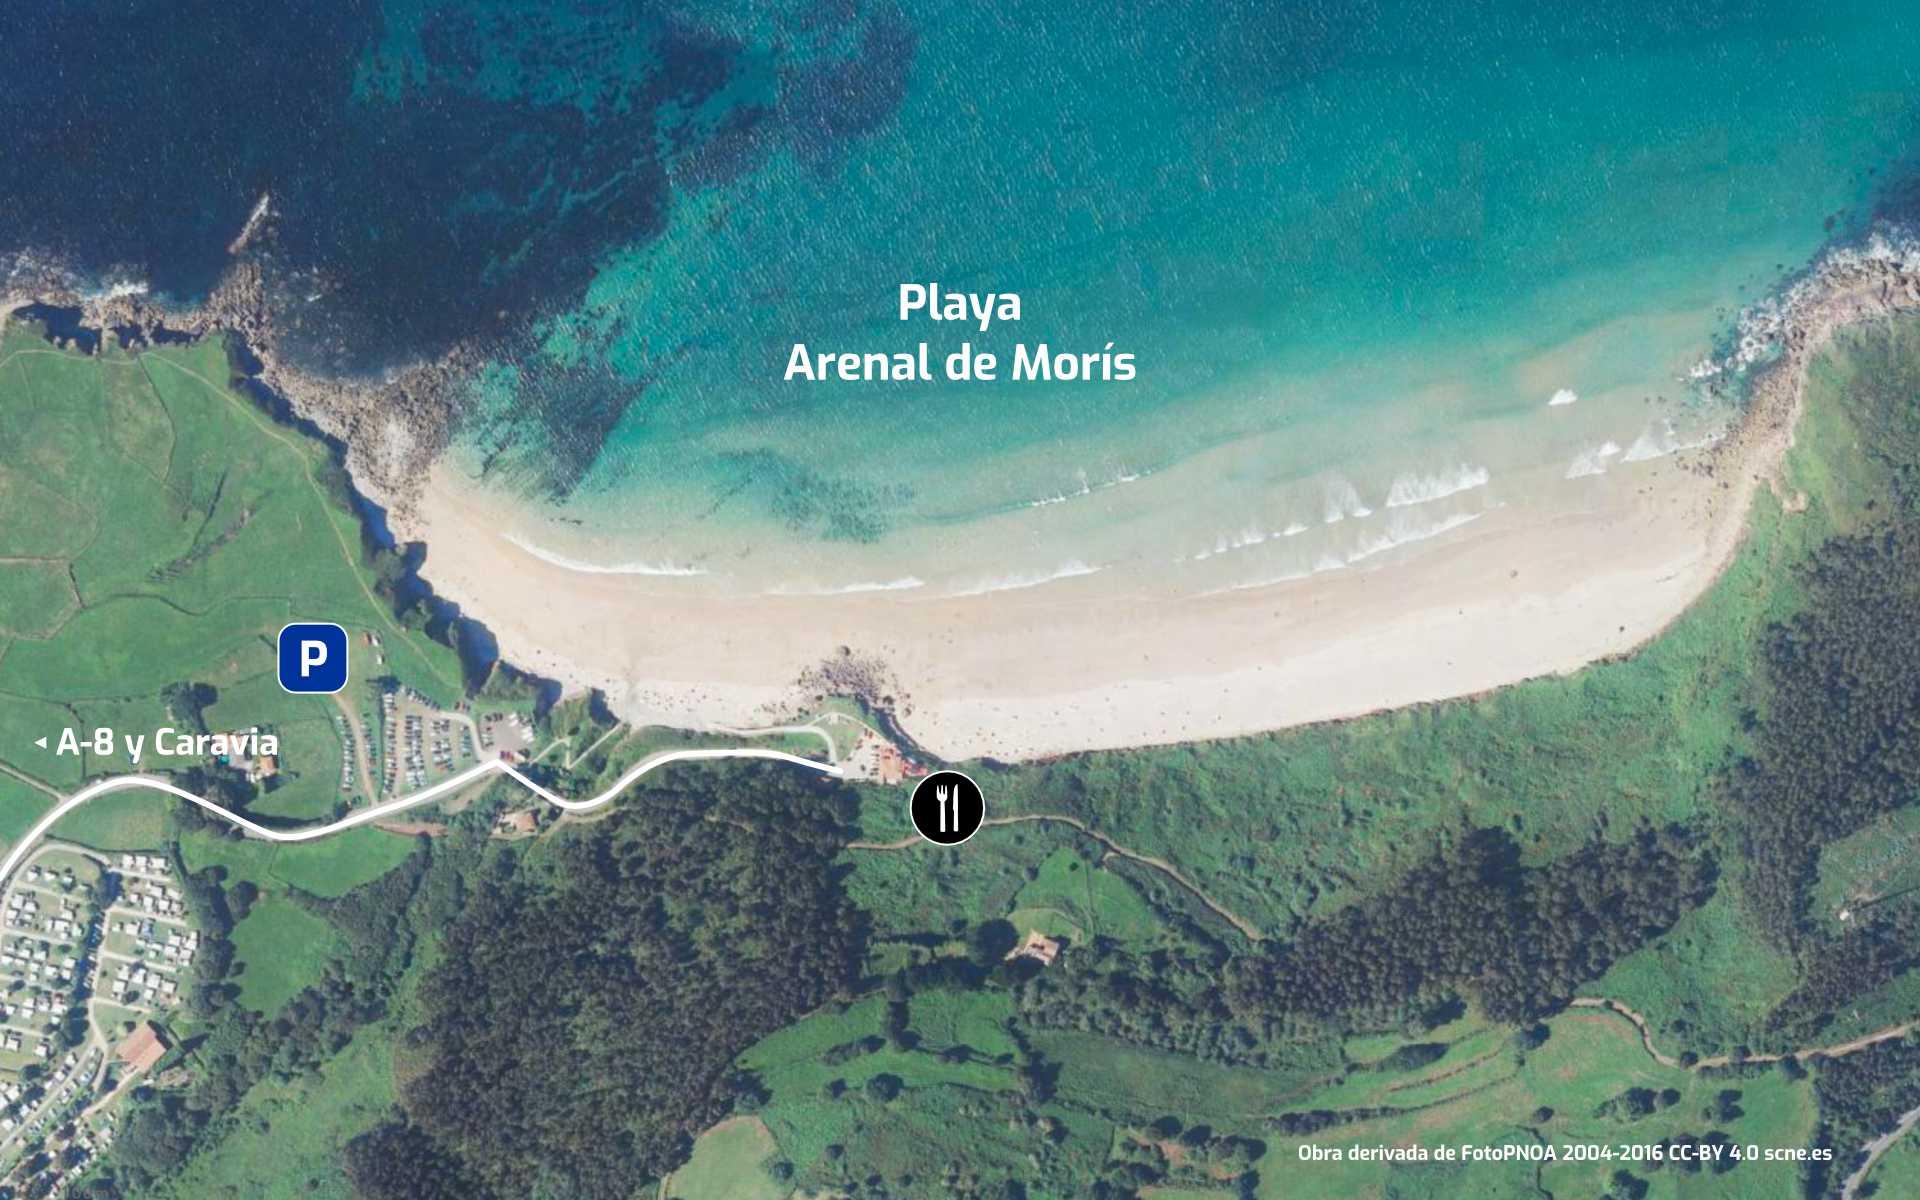 Mapa de cómo llegar a la Playa del Arenal de Morís en Caravia, Asturias